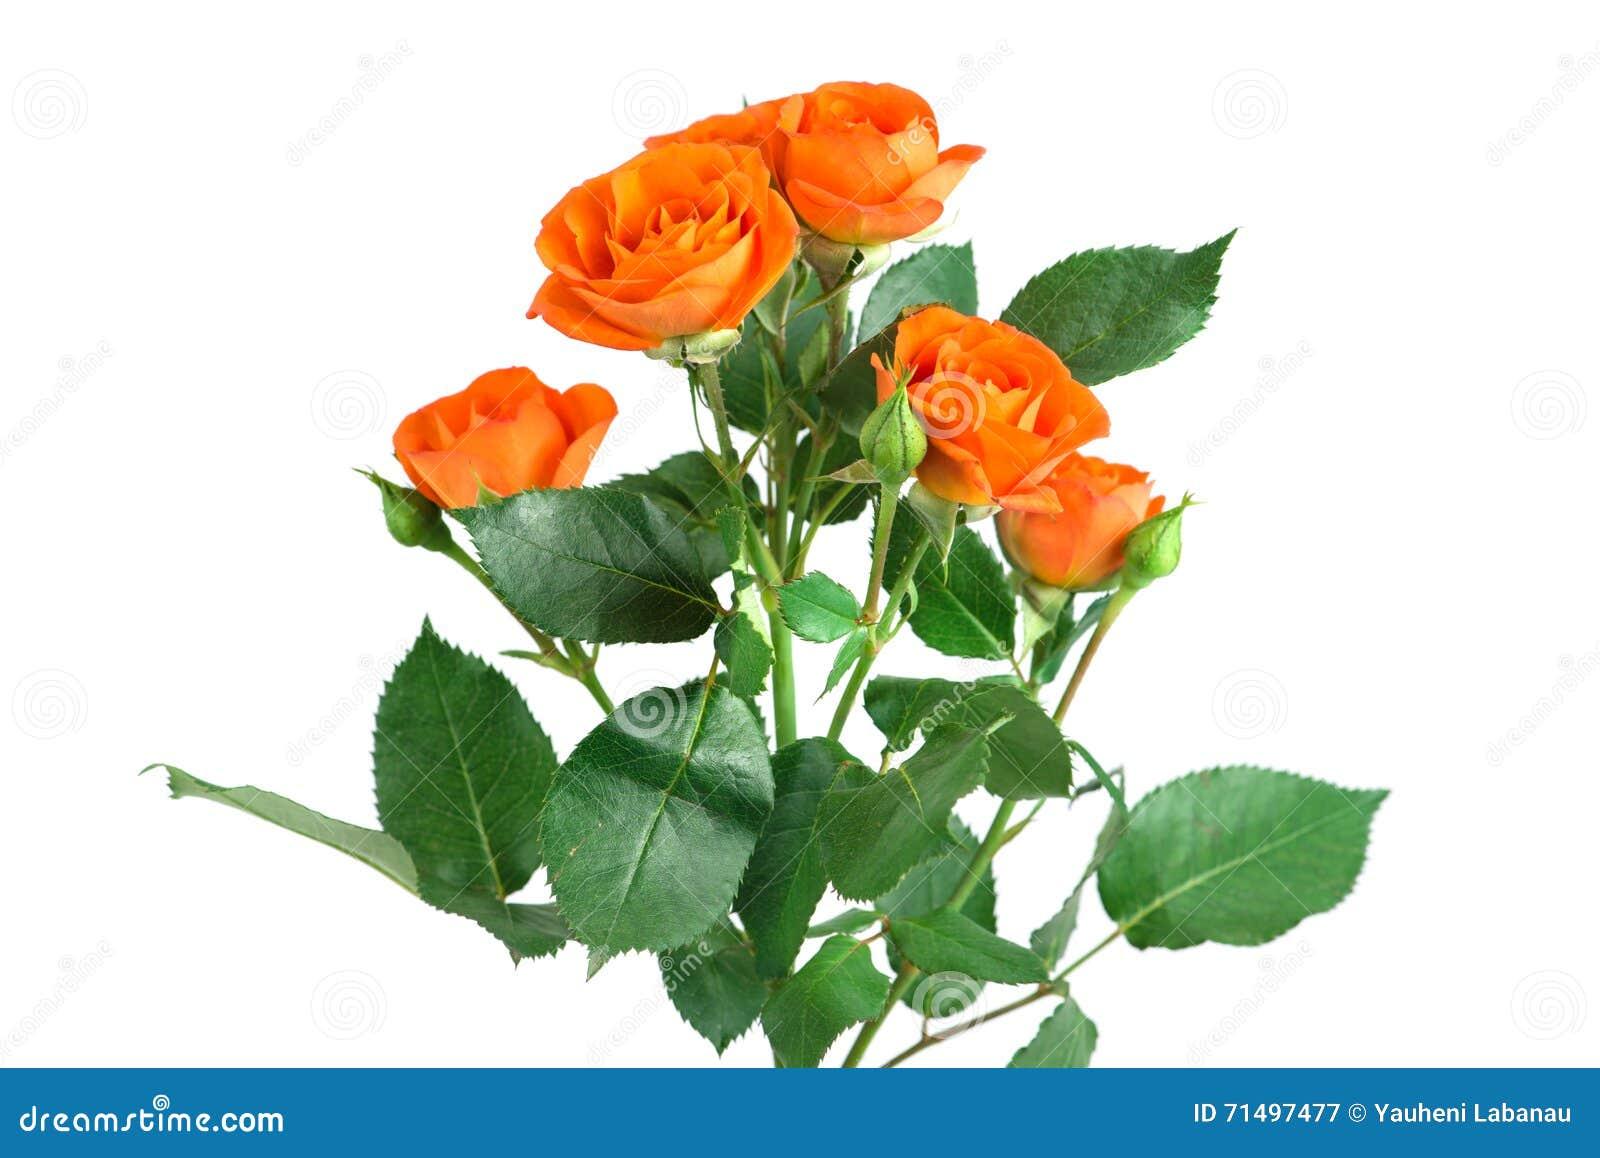 Orange shrub rose bush isolated on white